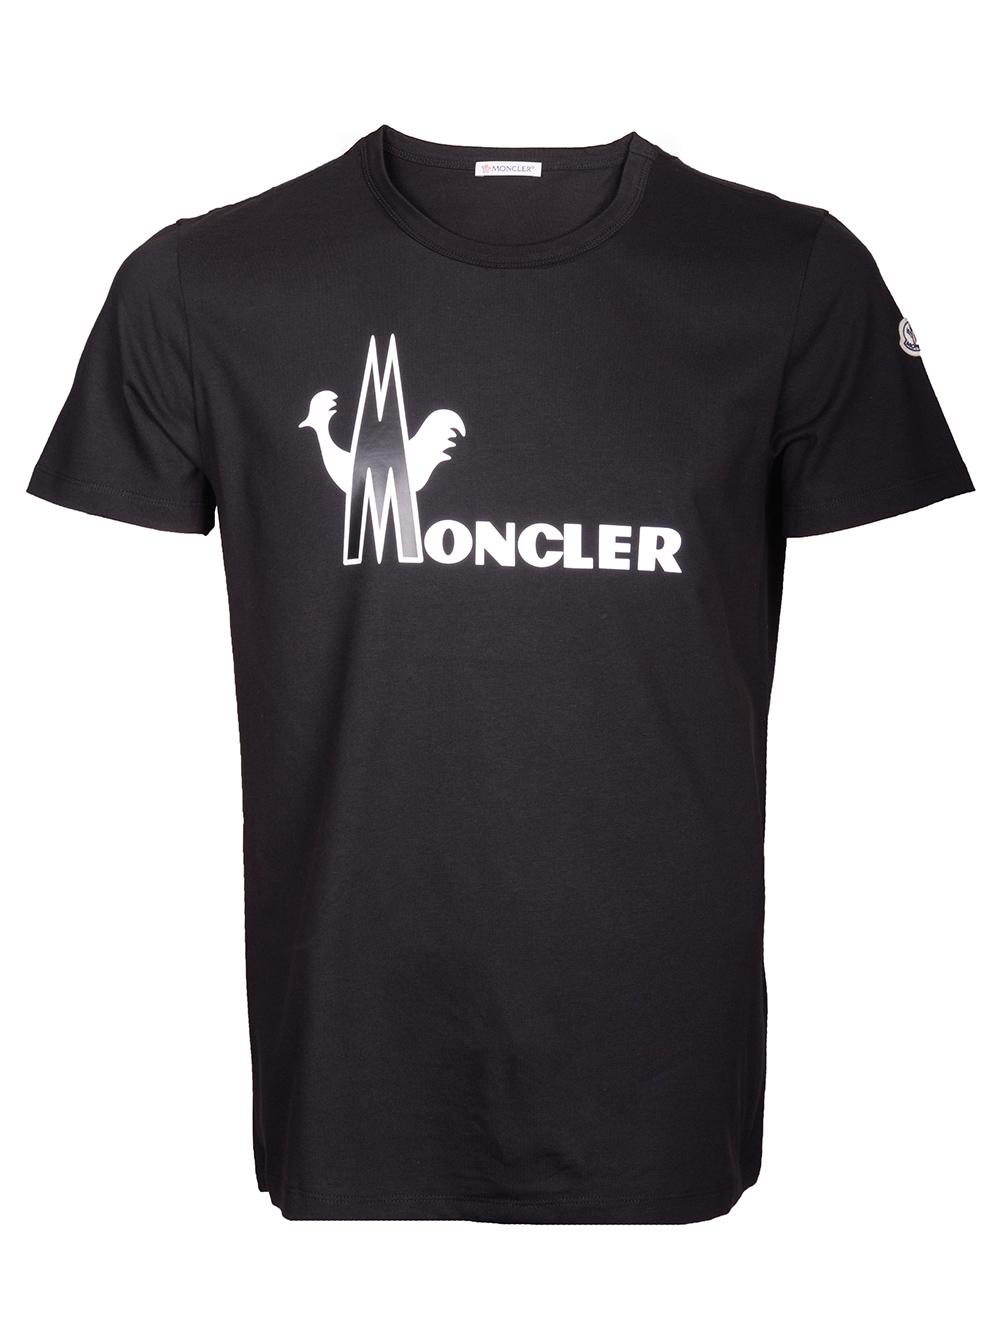 MONCLER Μπλούζα Τ-shirt E2-091-8046508 8390T ΜΑΥΡΟ